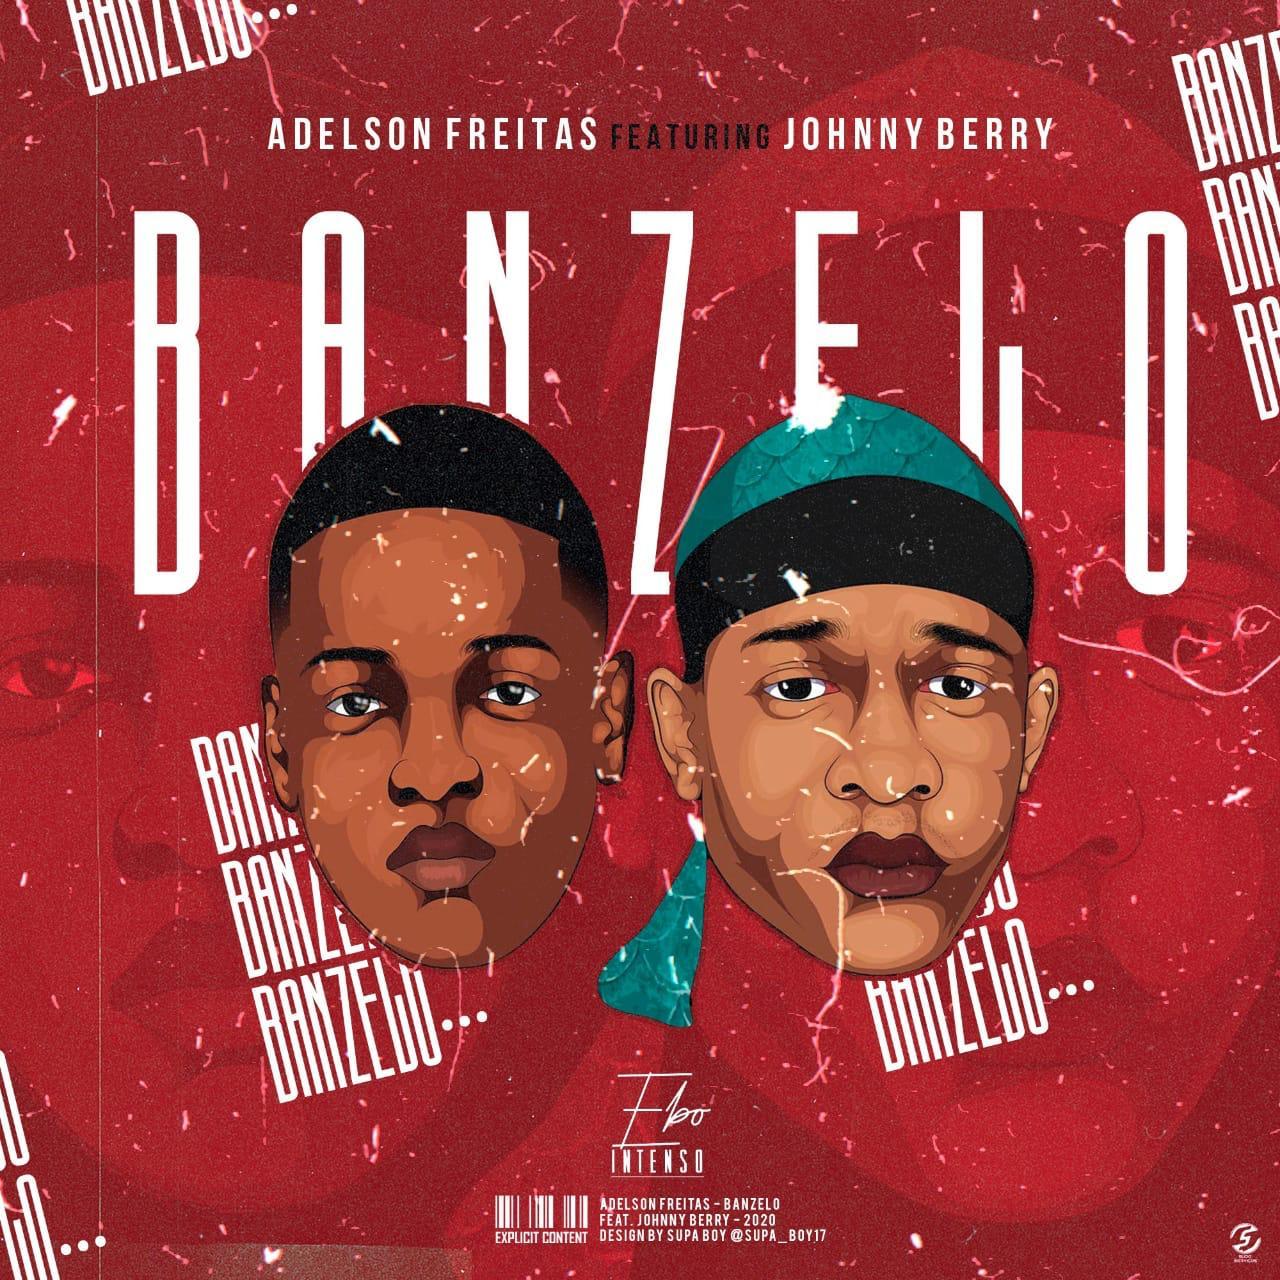 Adelson Freiras feat. Johnny Berry - Banzelo